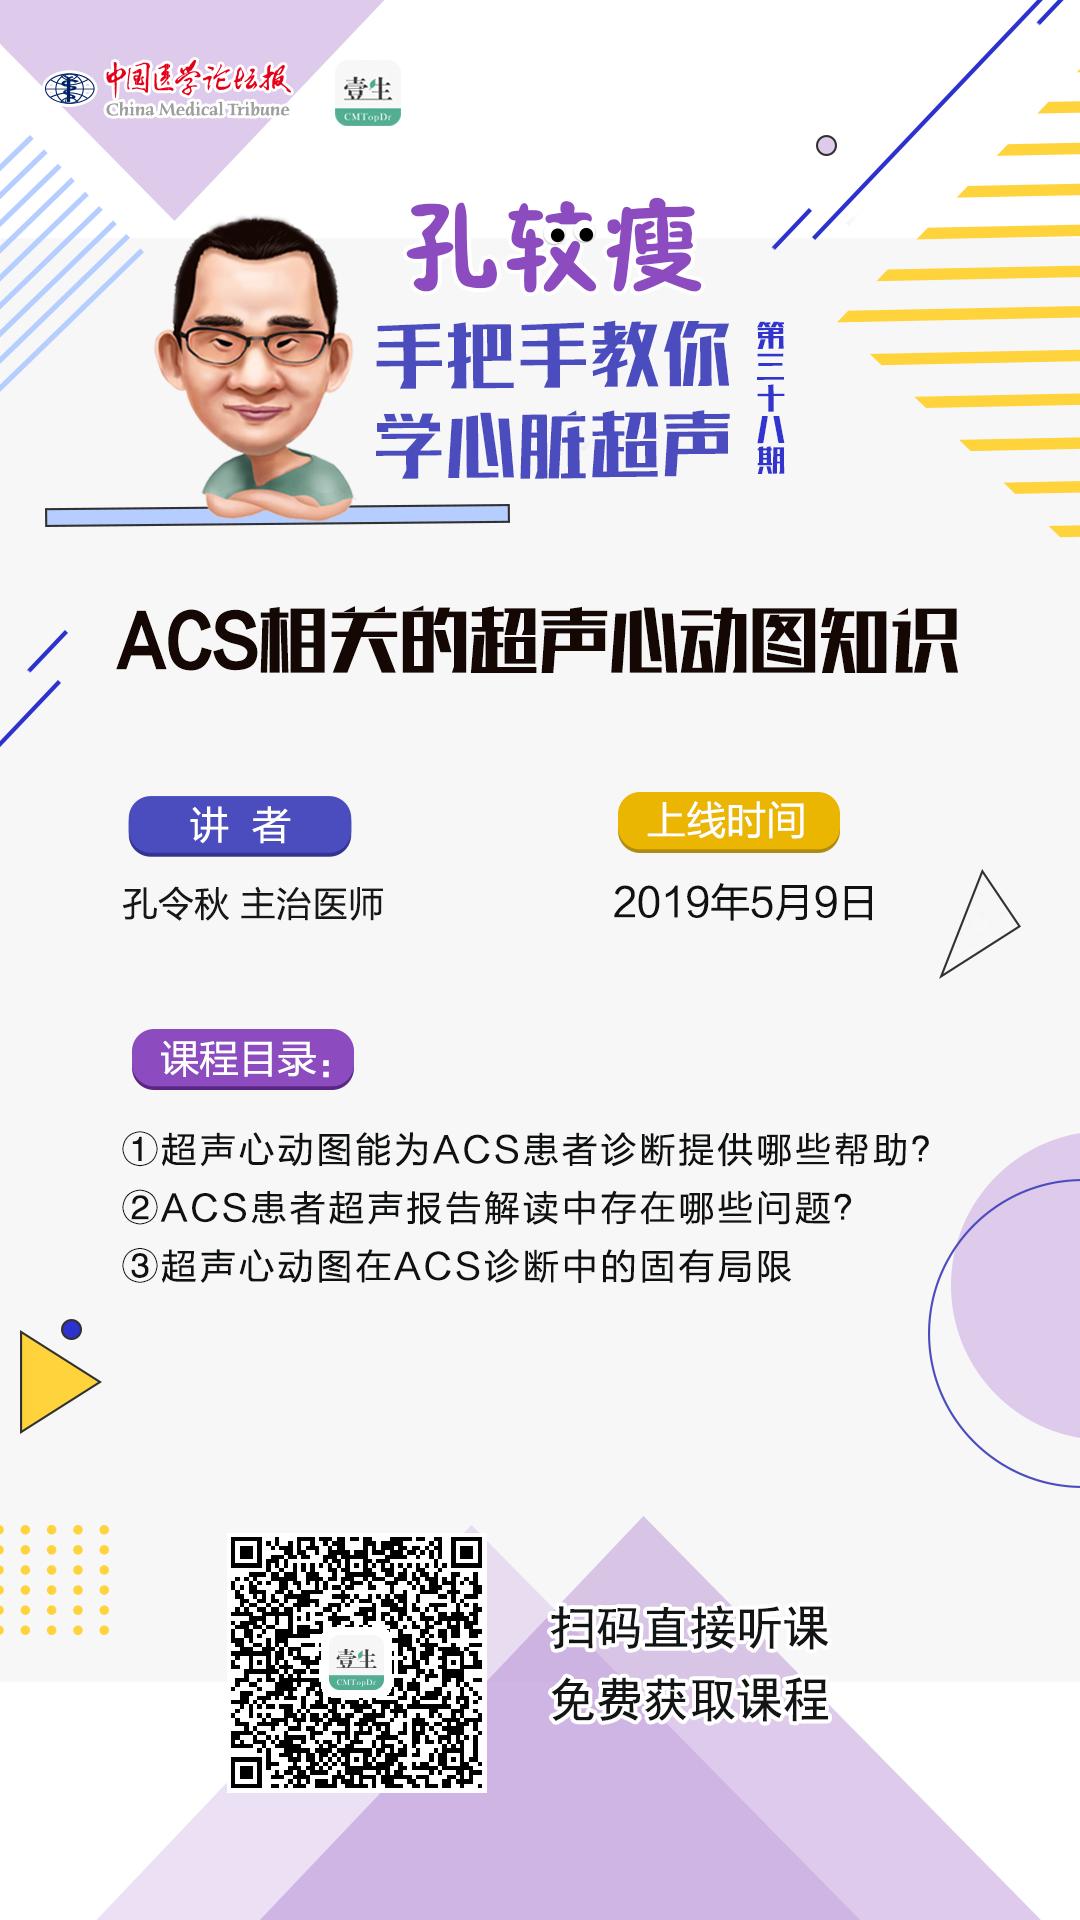 中华中医药杂志_ACS相关的超声心动图知识(手把手教你学心脏超声第38期)